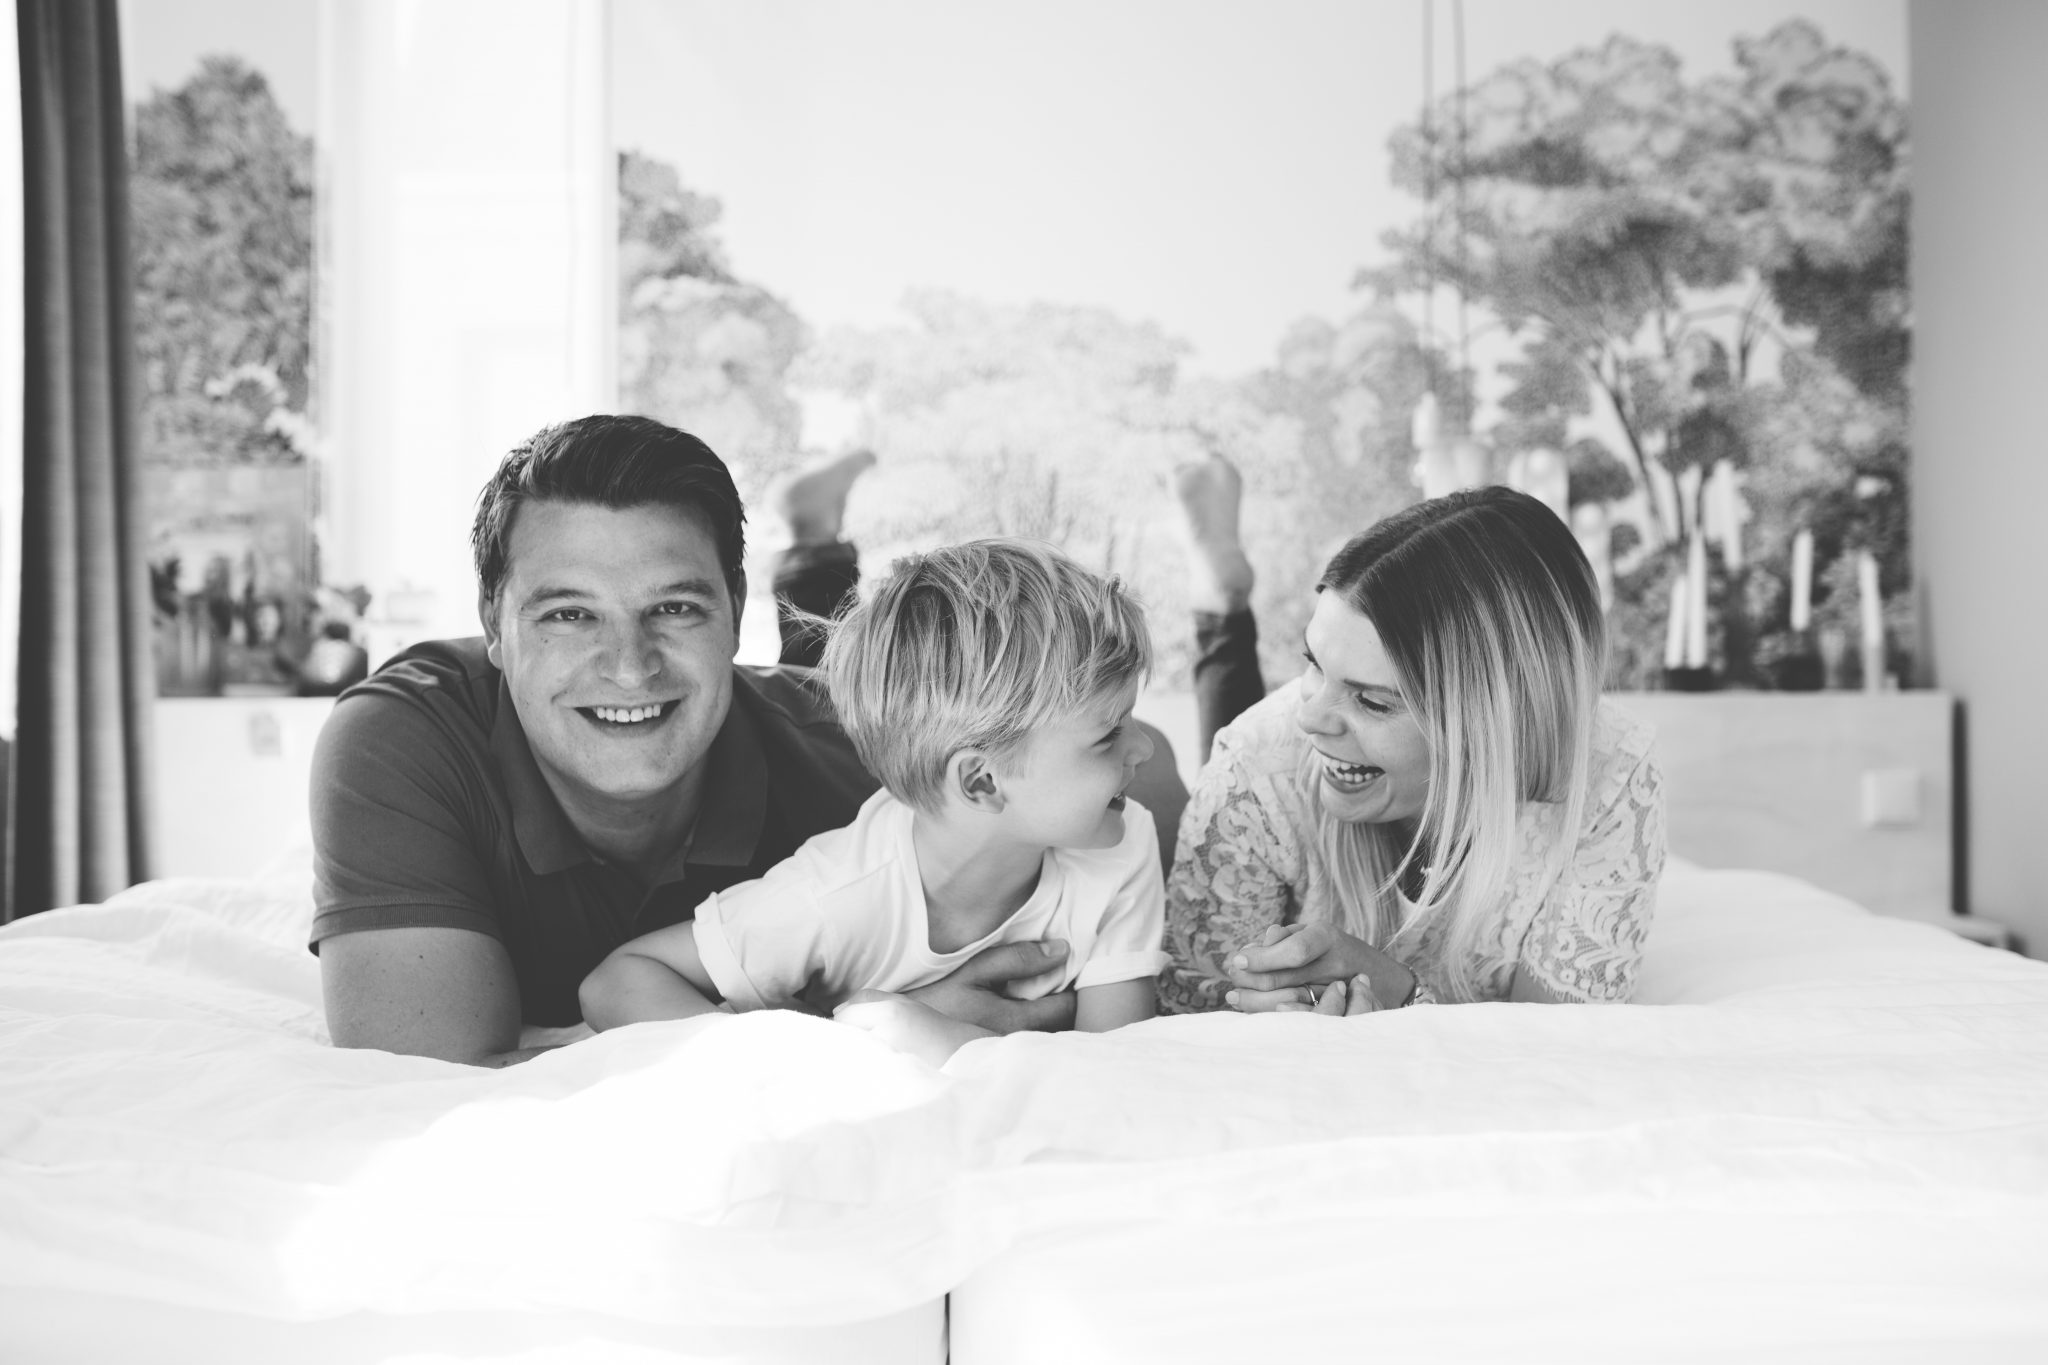 gezinsfotografie op locatie familie fotografie thuis laura elkhuizen fotografie